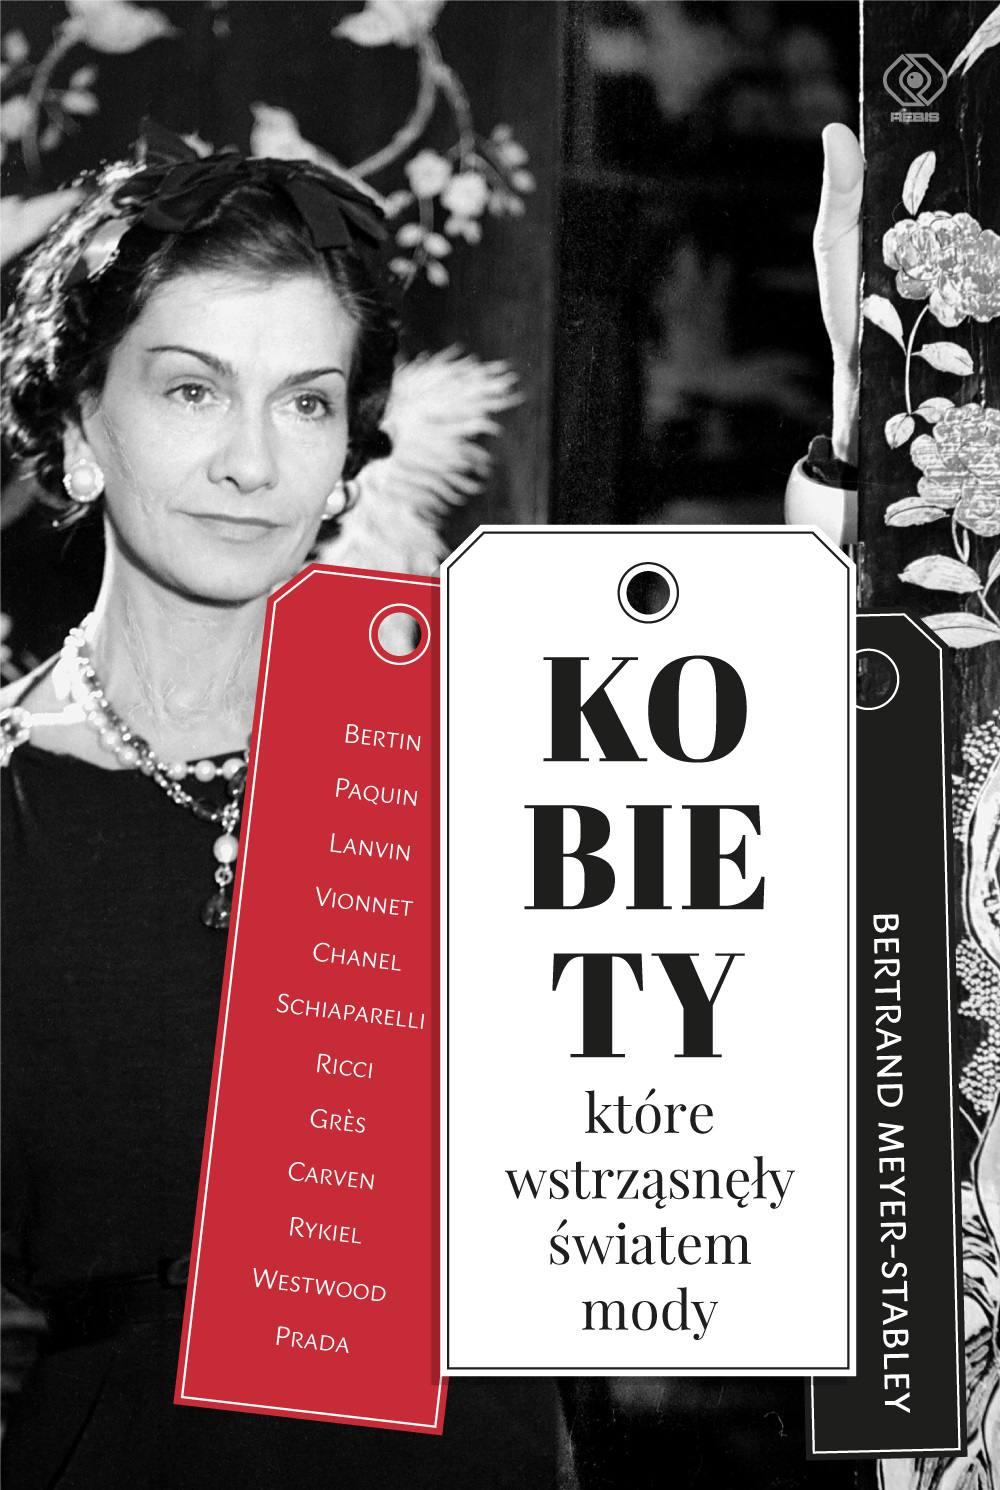 Kobiety, które wstrząsnęły światem mody - Ebook (Książka na Kindle) do pobrania w formacie MOBI